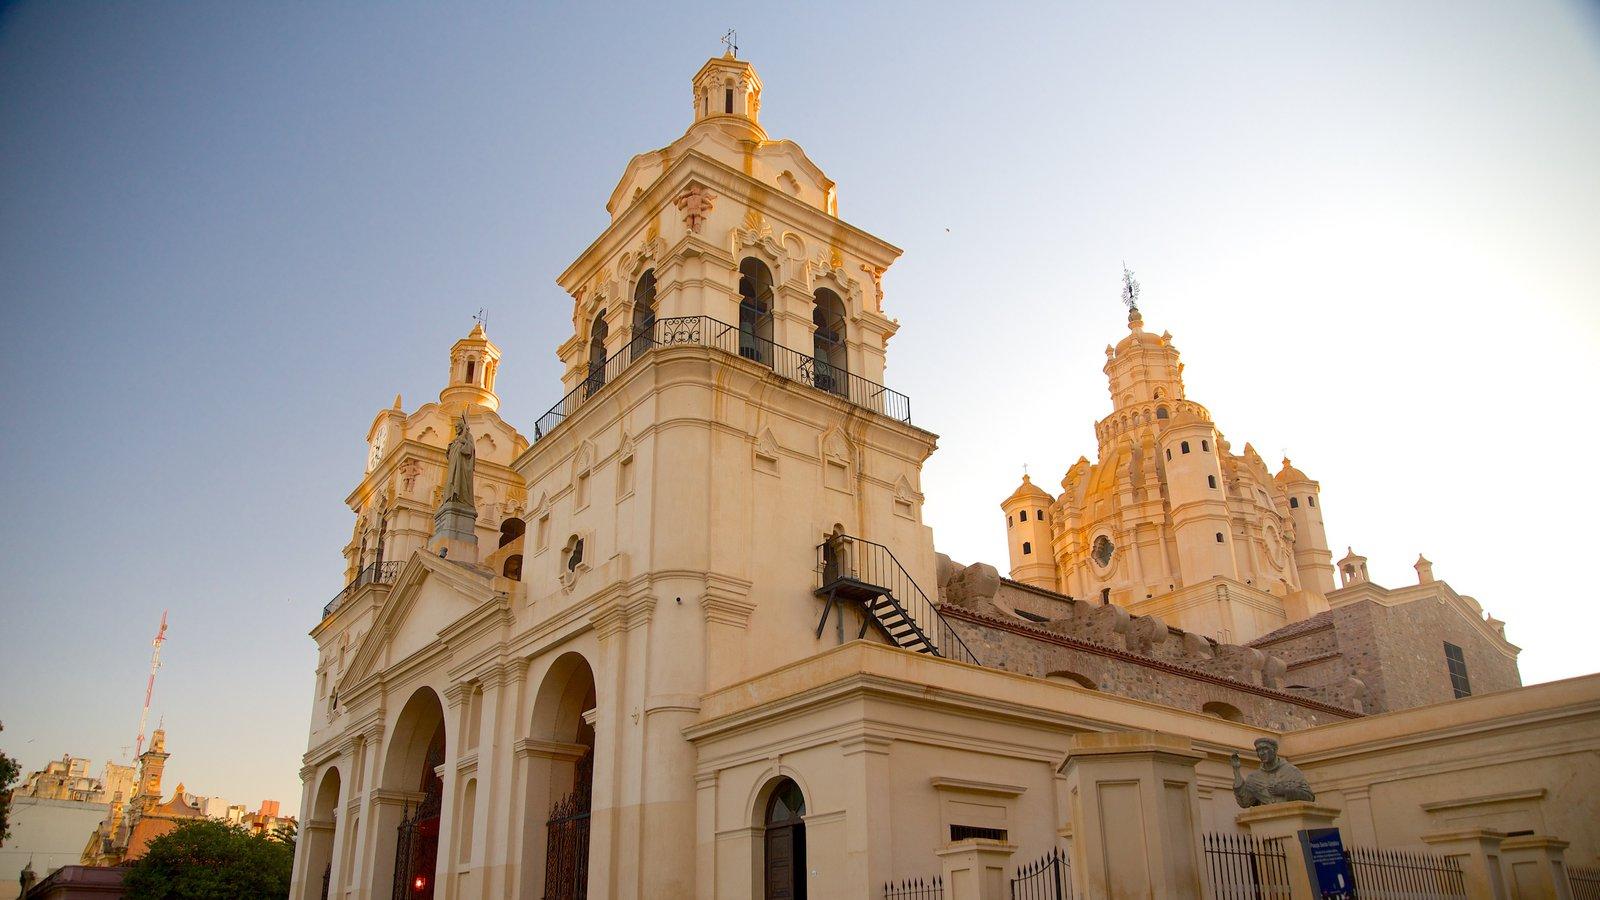 Catedral de Cordoba que inclui arquitetura de patrimônio